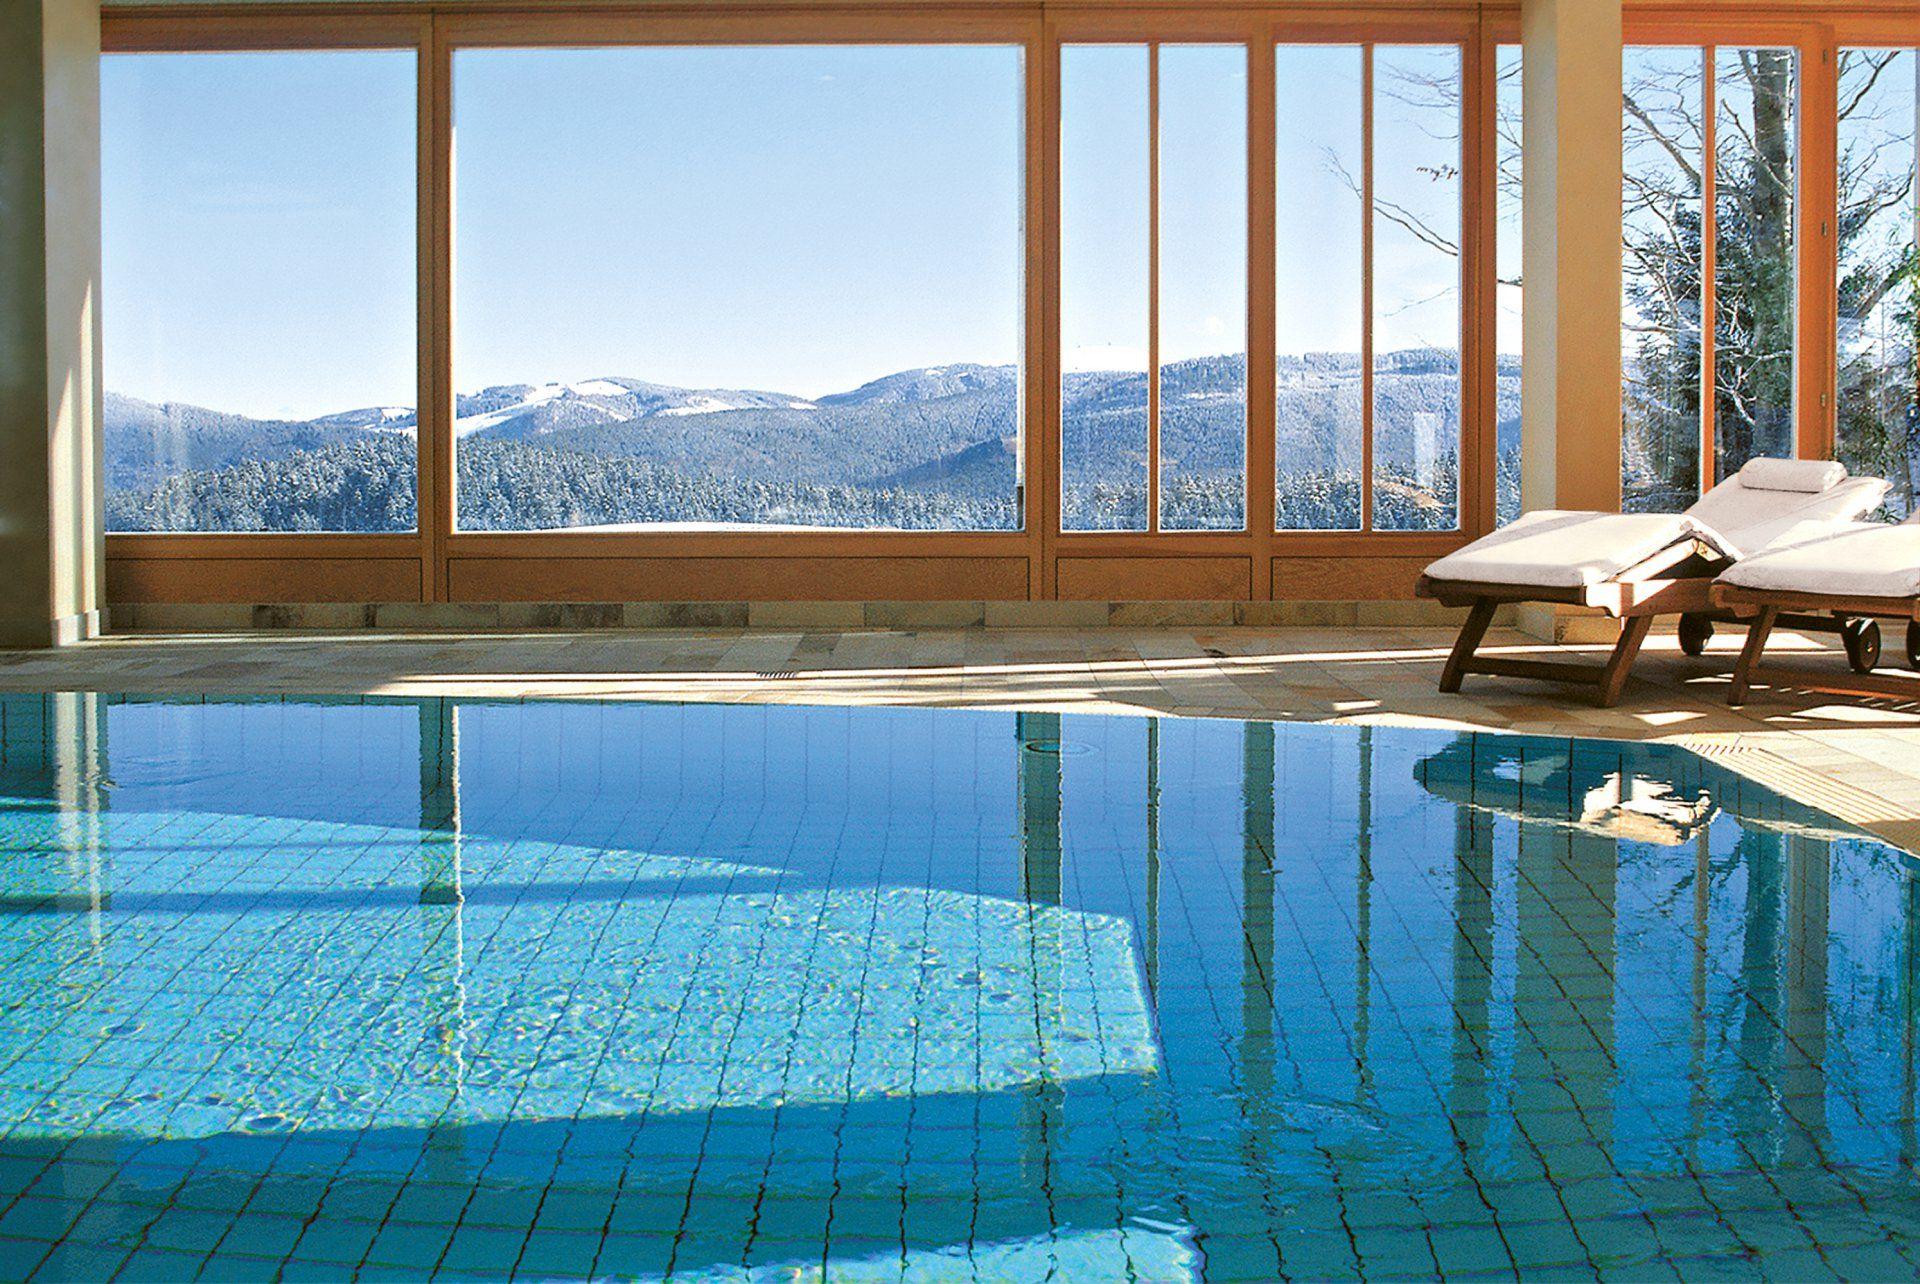 badehaus hotel die halde travel pinterest badehaus baden und haus. Black Bedroom Furniture Sets. Home Design Ideas